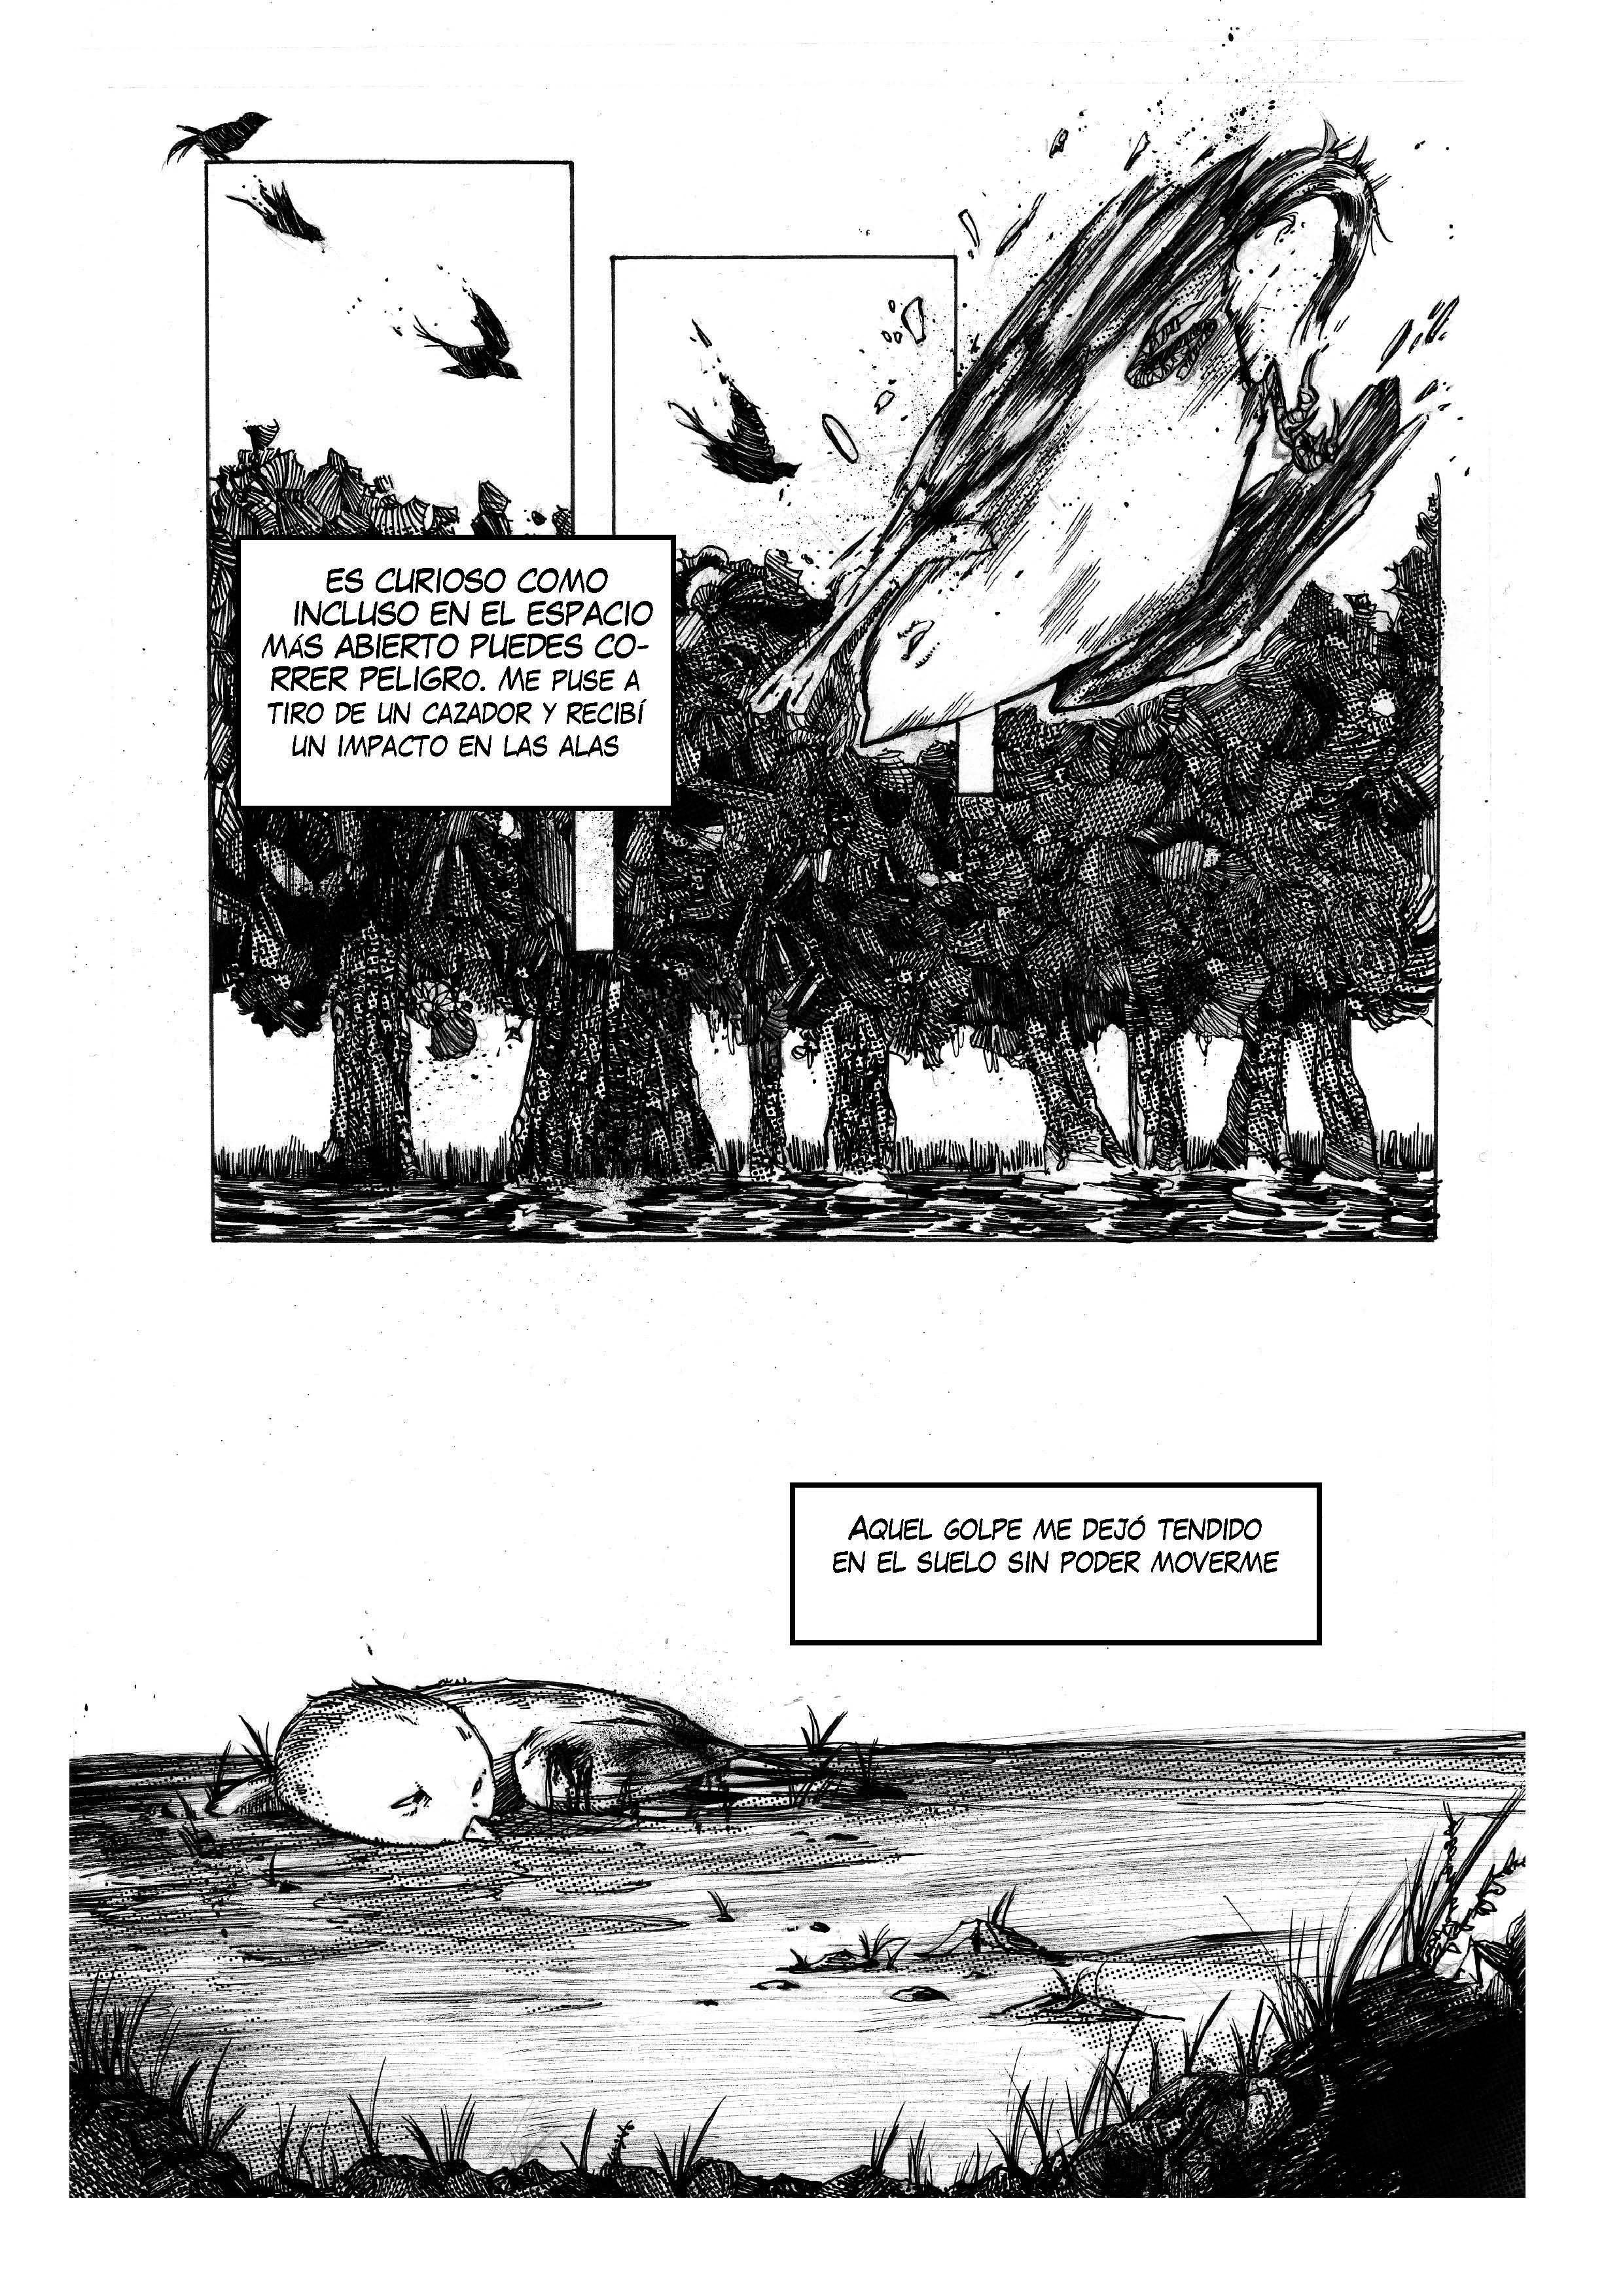 Abajo en el bosque_Cómic_Rafael_Pérez_Granados-1